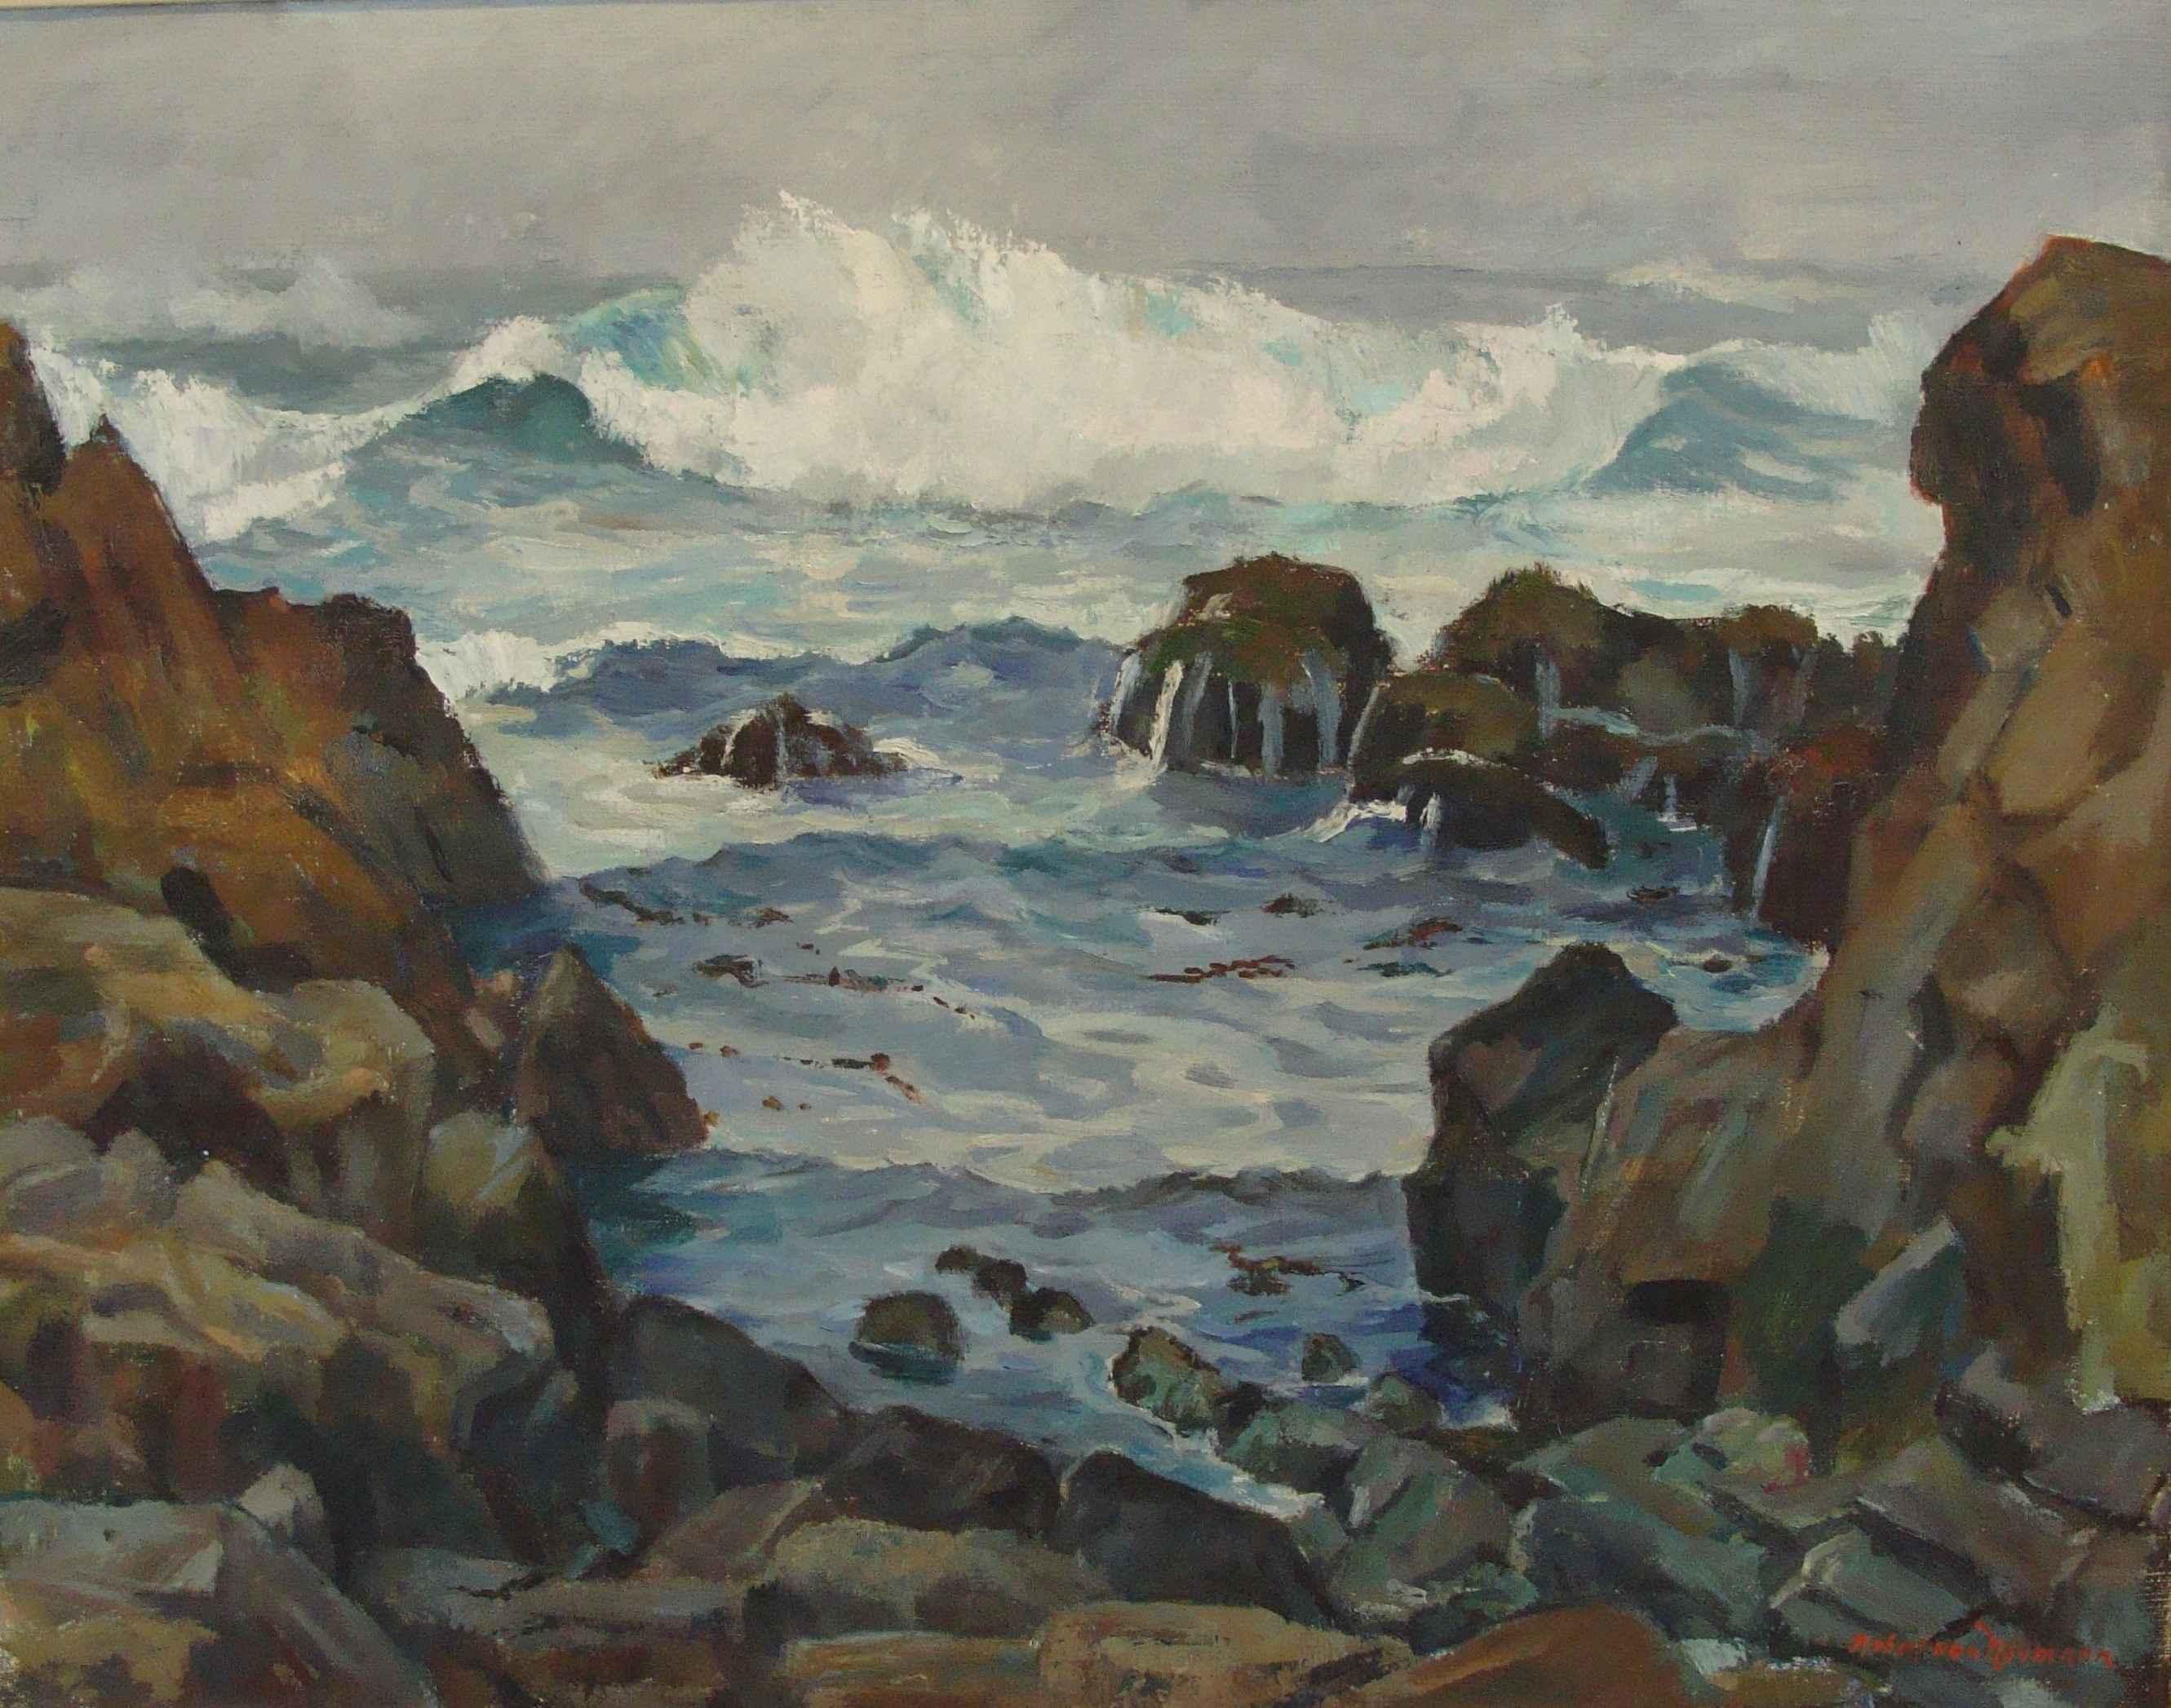 Seashore by Mr. Robert von Neumann - Masterpiece Online